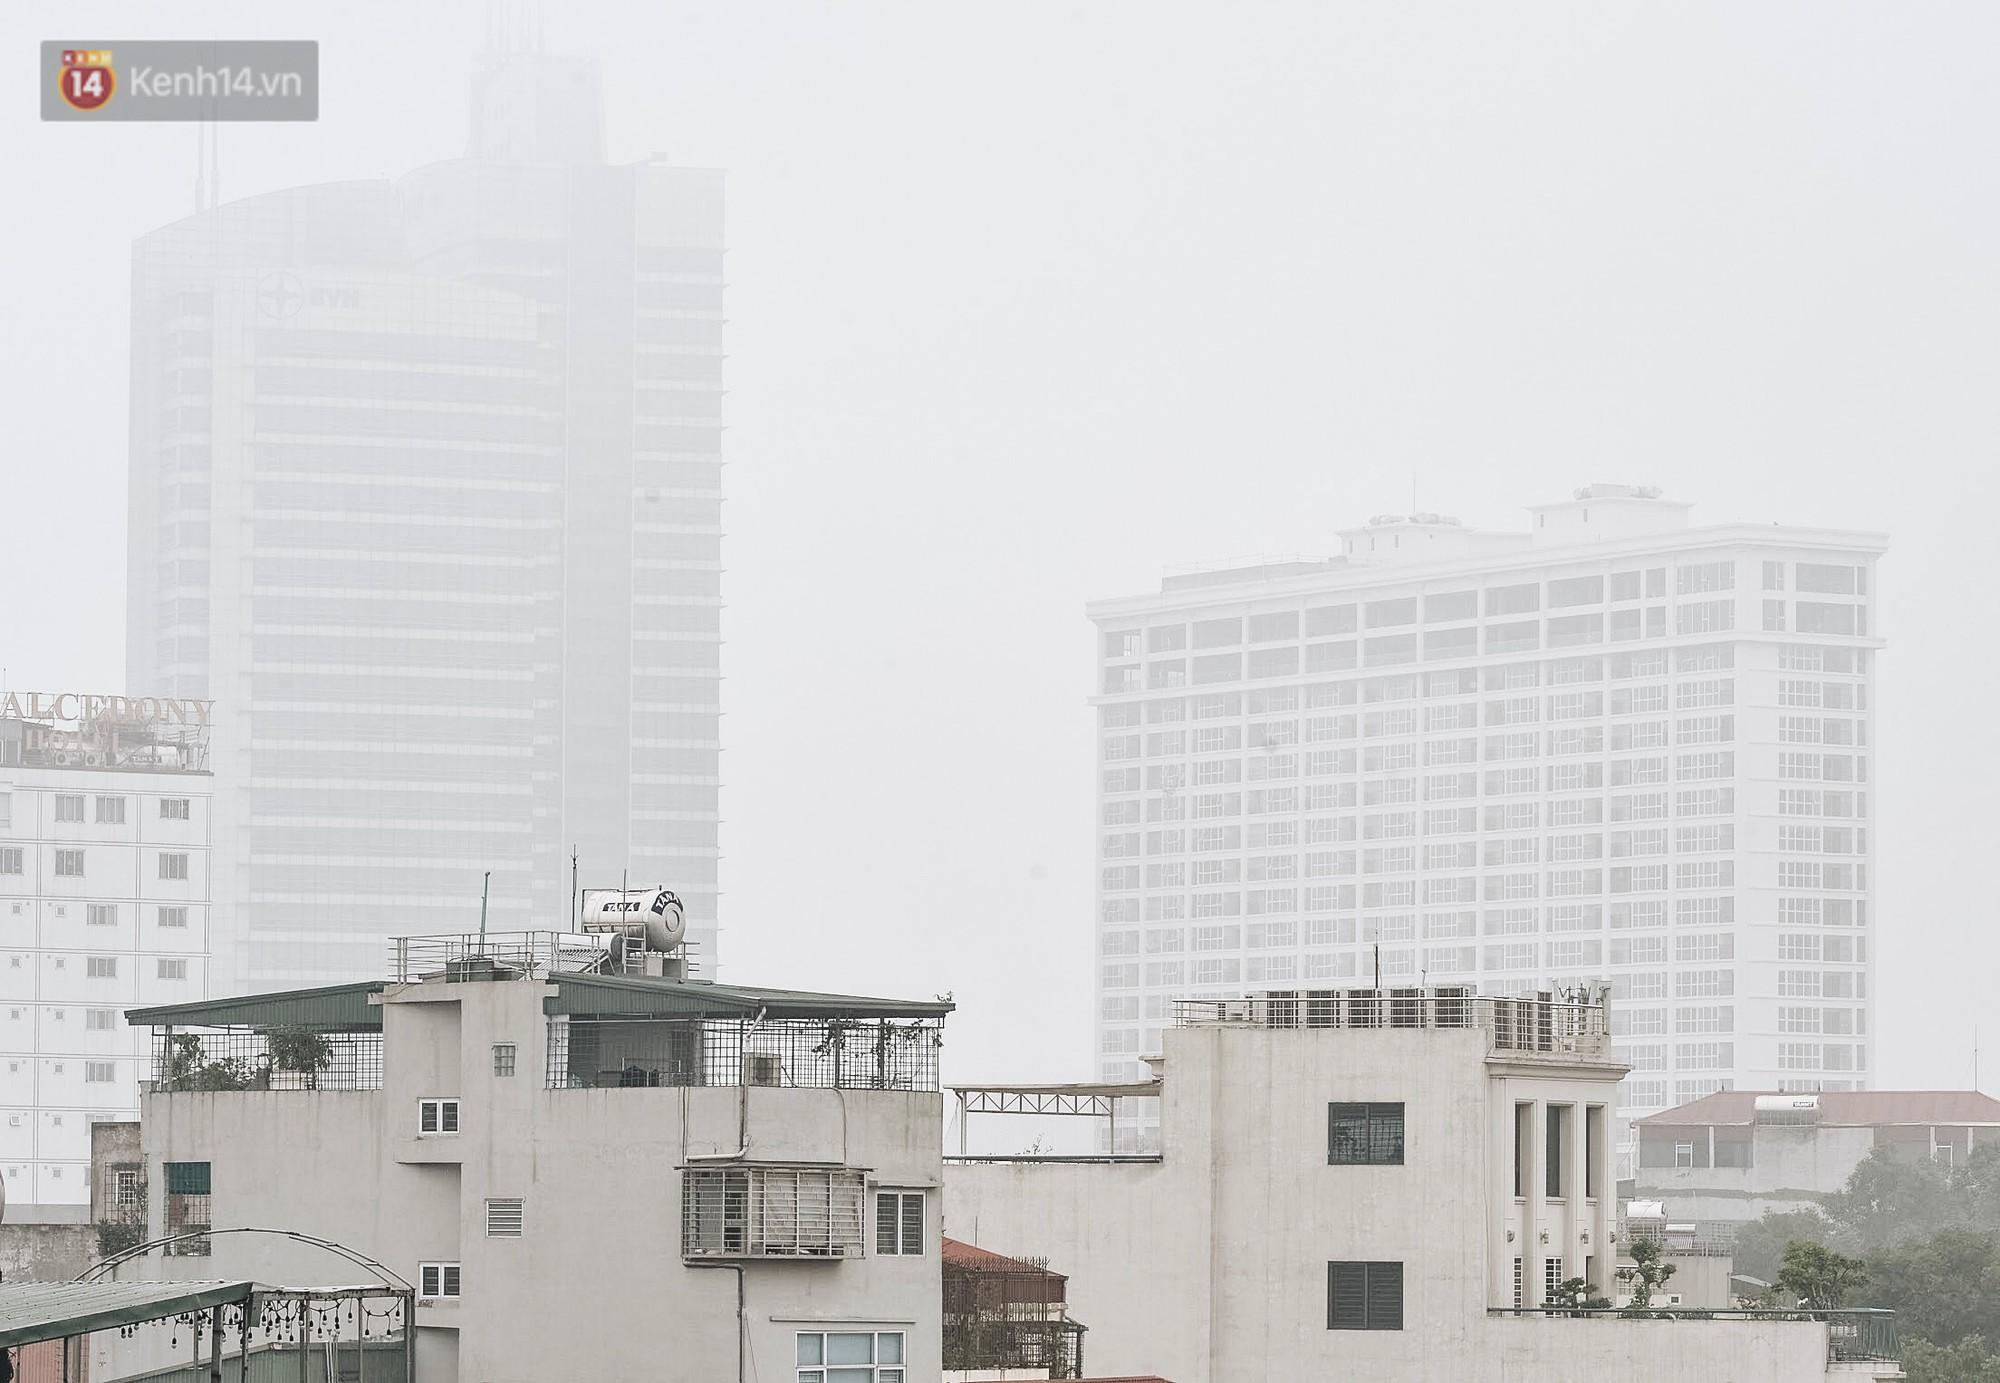 Chùm ảnh: Sáng cuối tuần, sương mù dày đặc phủ kín Hà Nội khiến người dân ngỡ như đang ở Sapa - Ảnh 1.